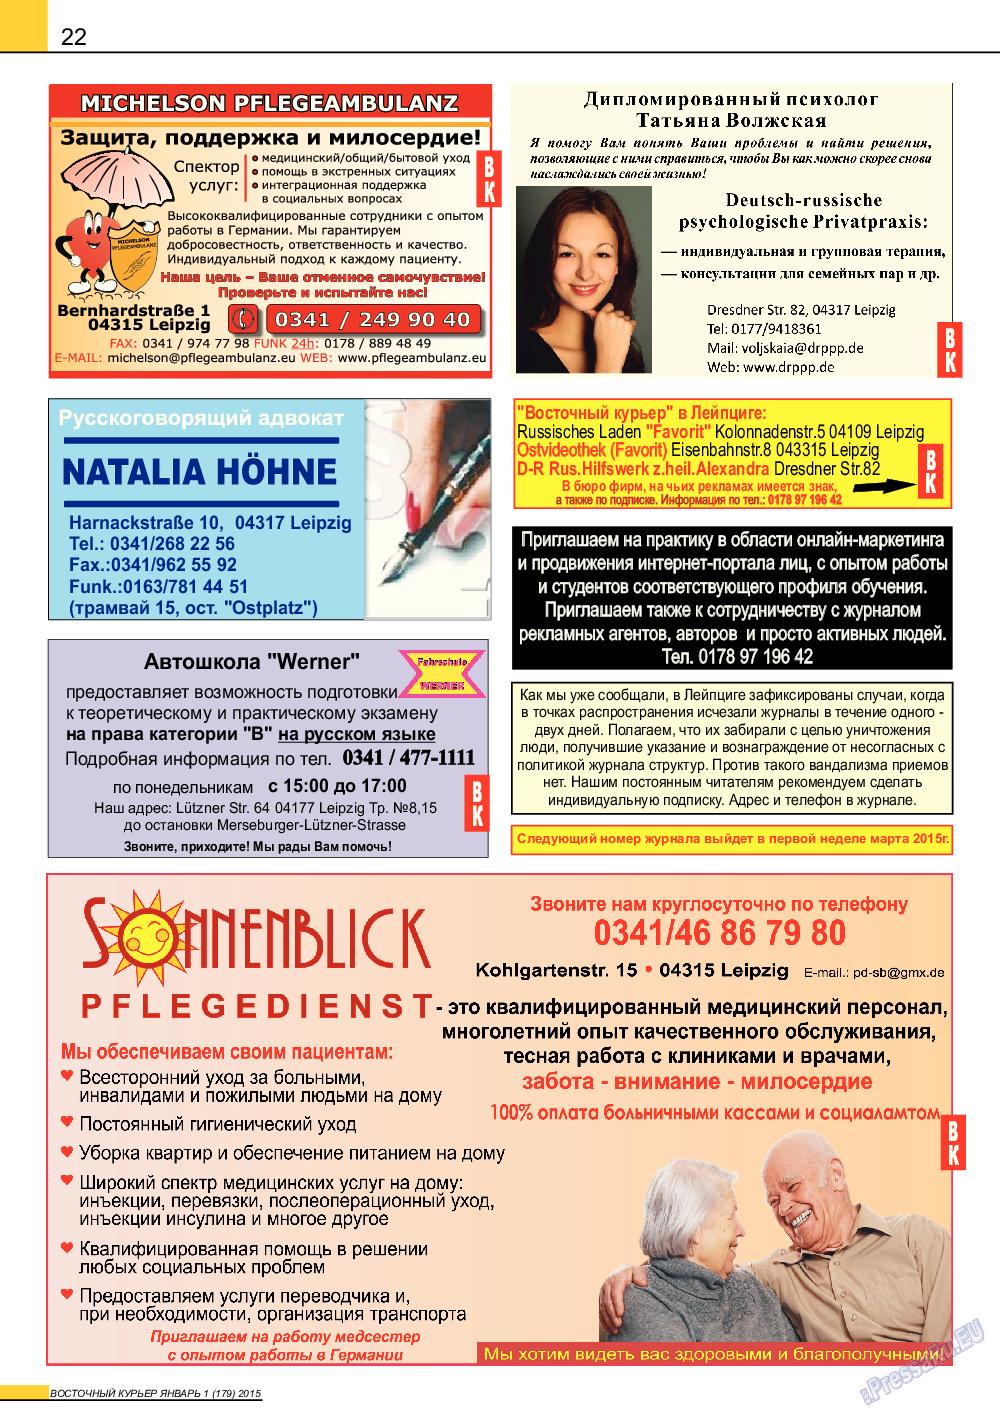 Восточный курьер (журнал). 2015 год, номер 1, стр. 22